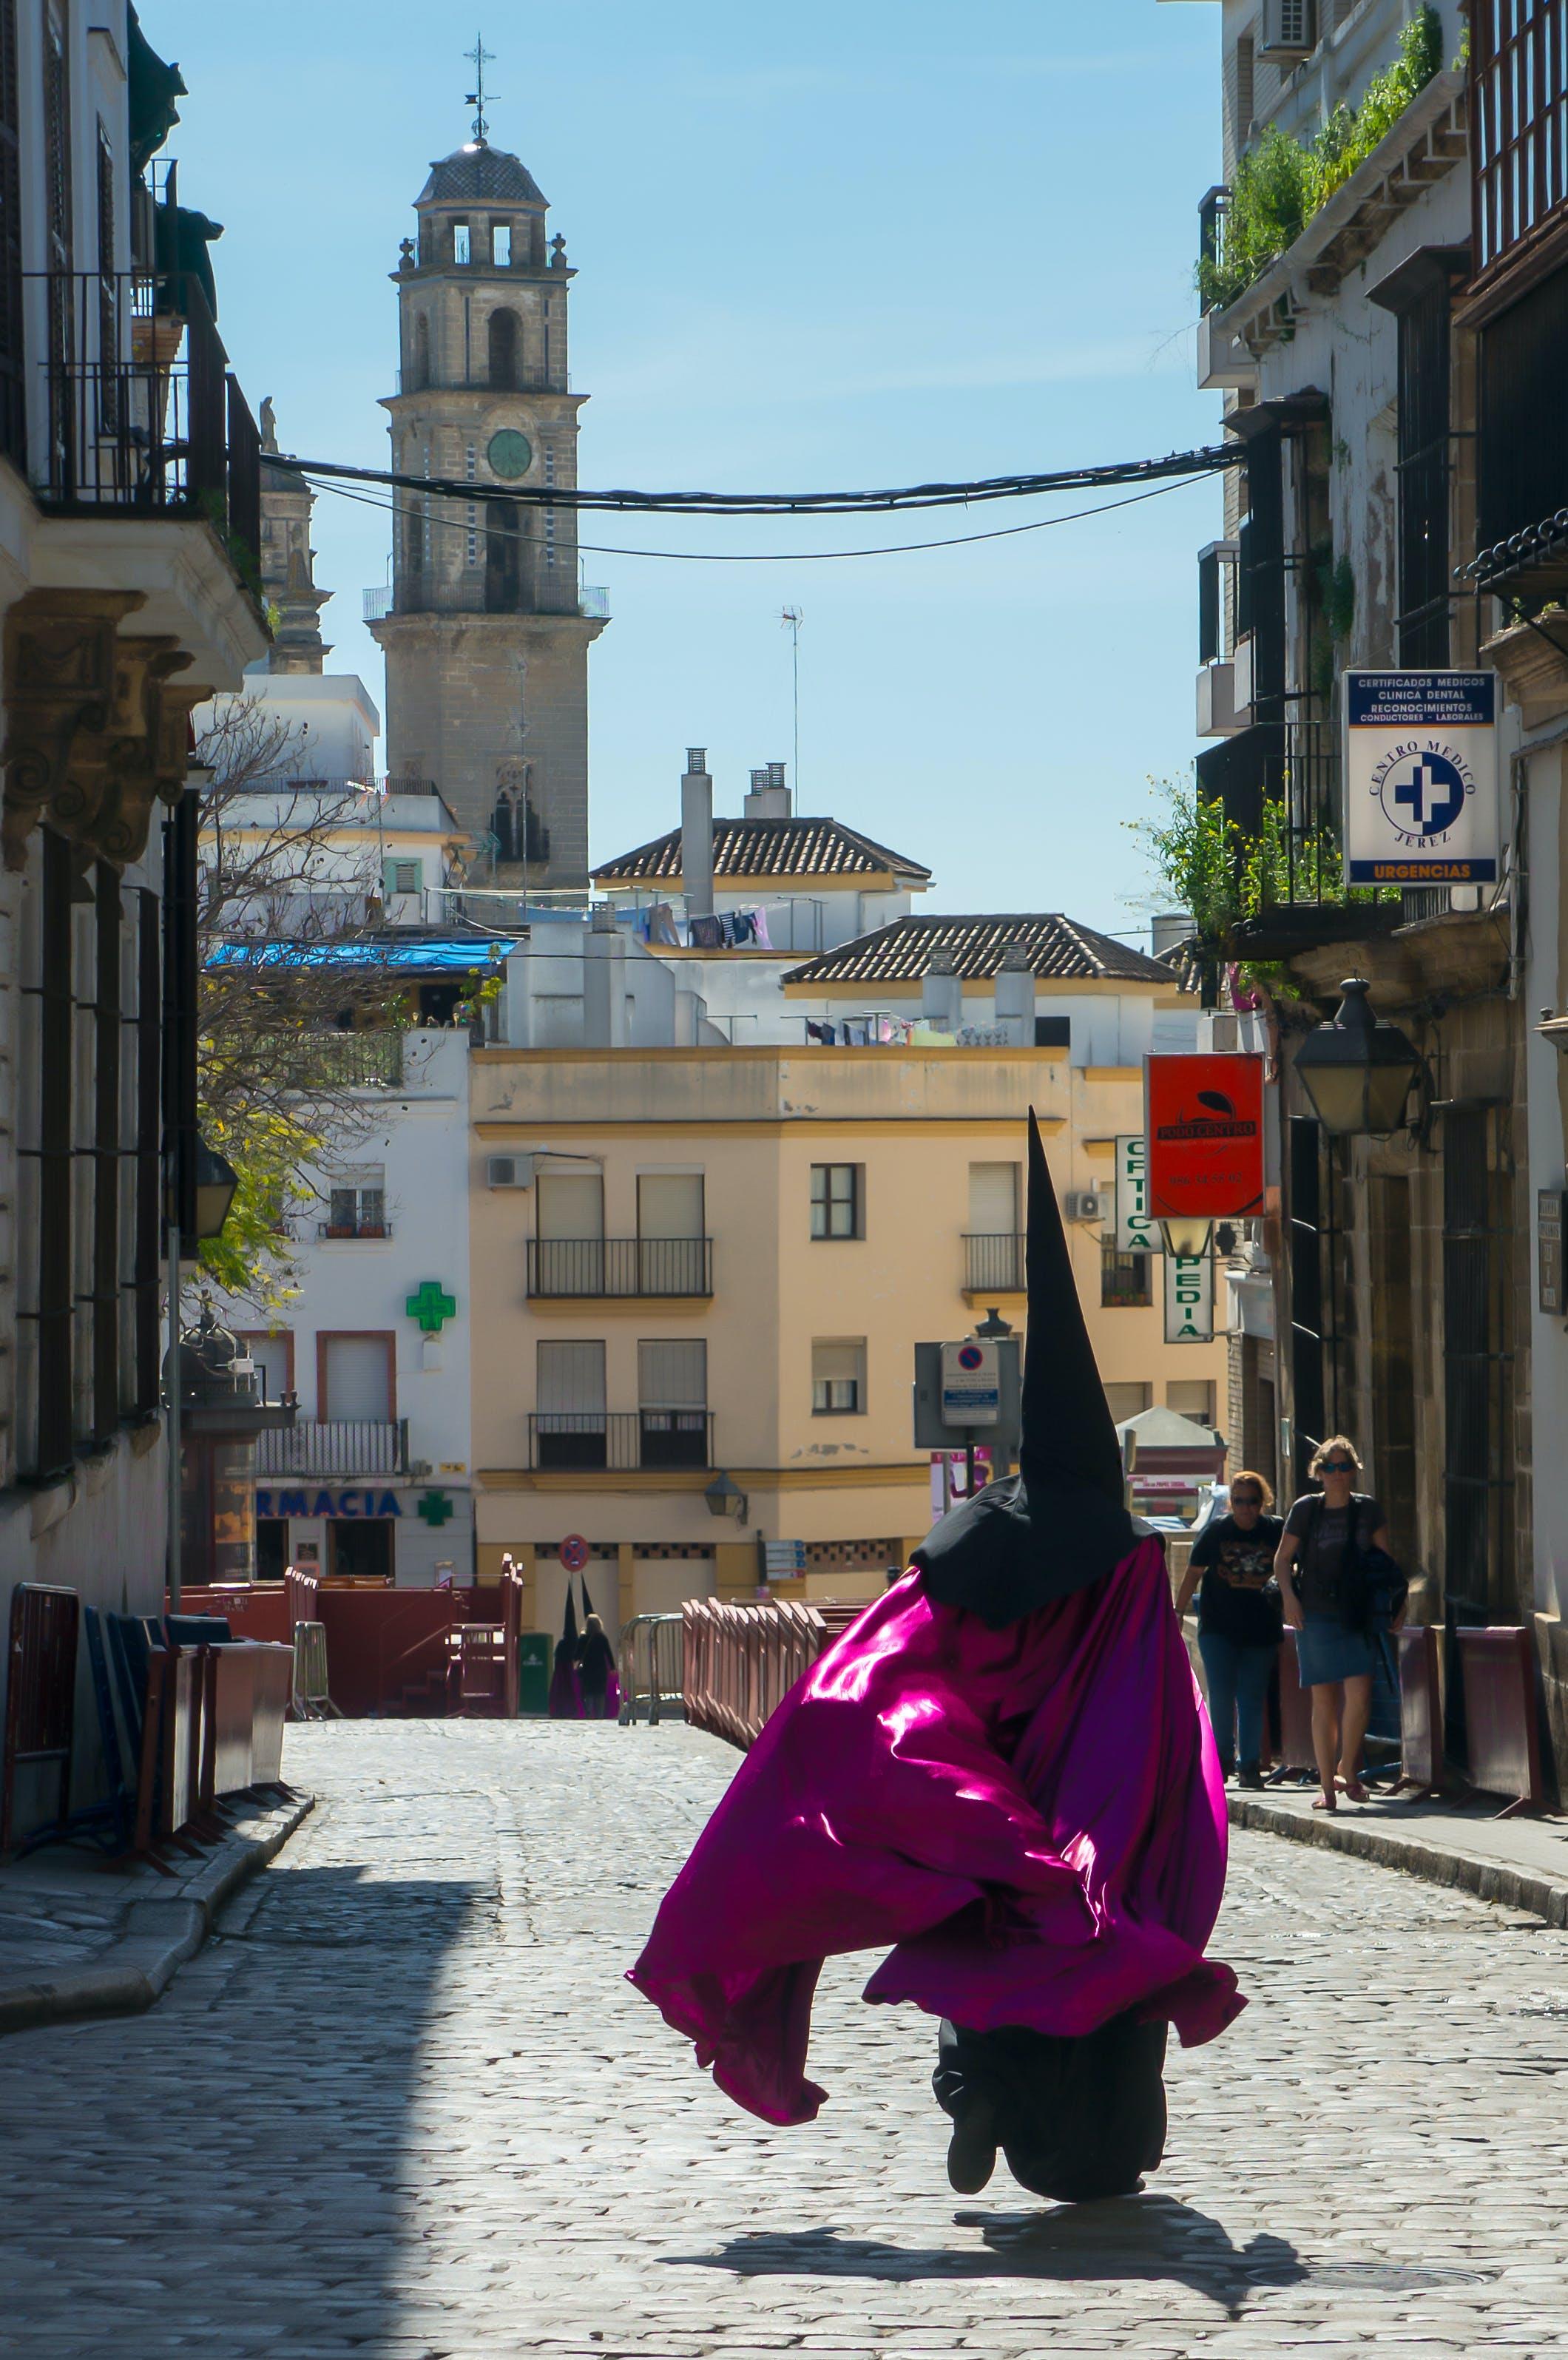 Δωρεάν στοκ φωτογραφιών με άγιος, αδελφός, Ισπανία, κίνηση